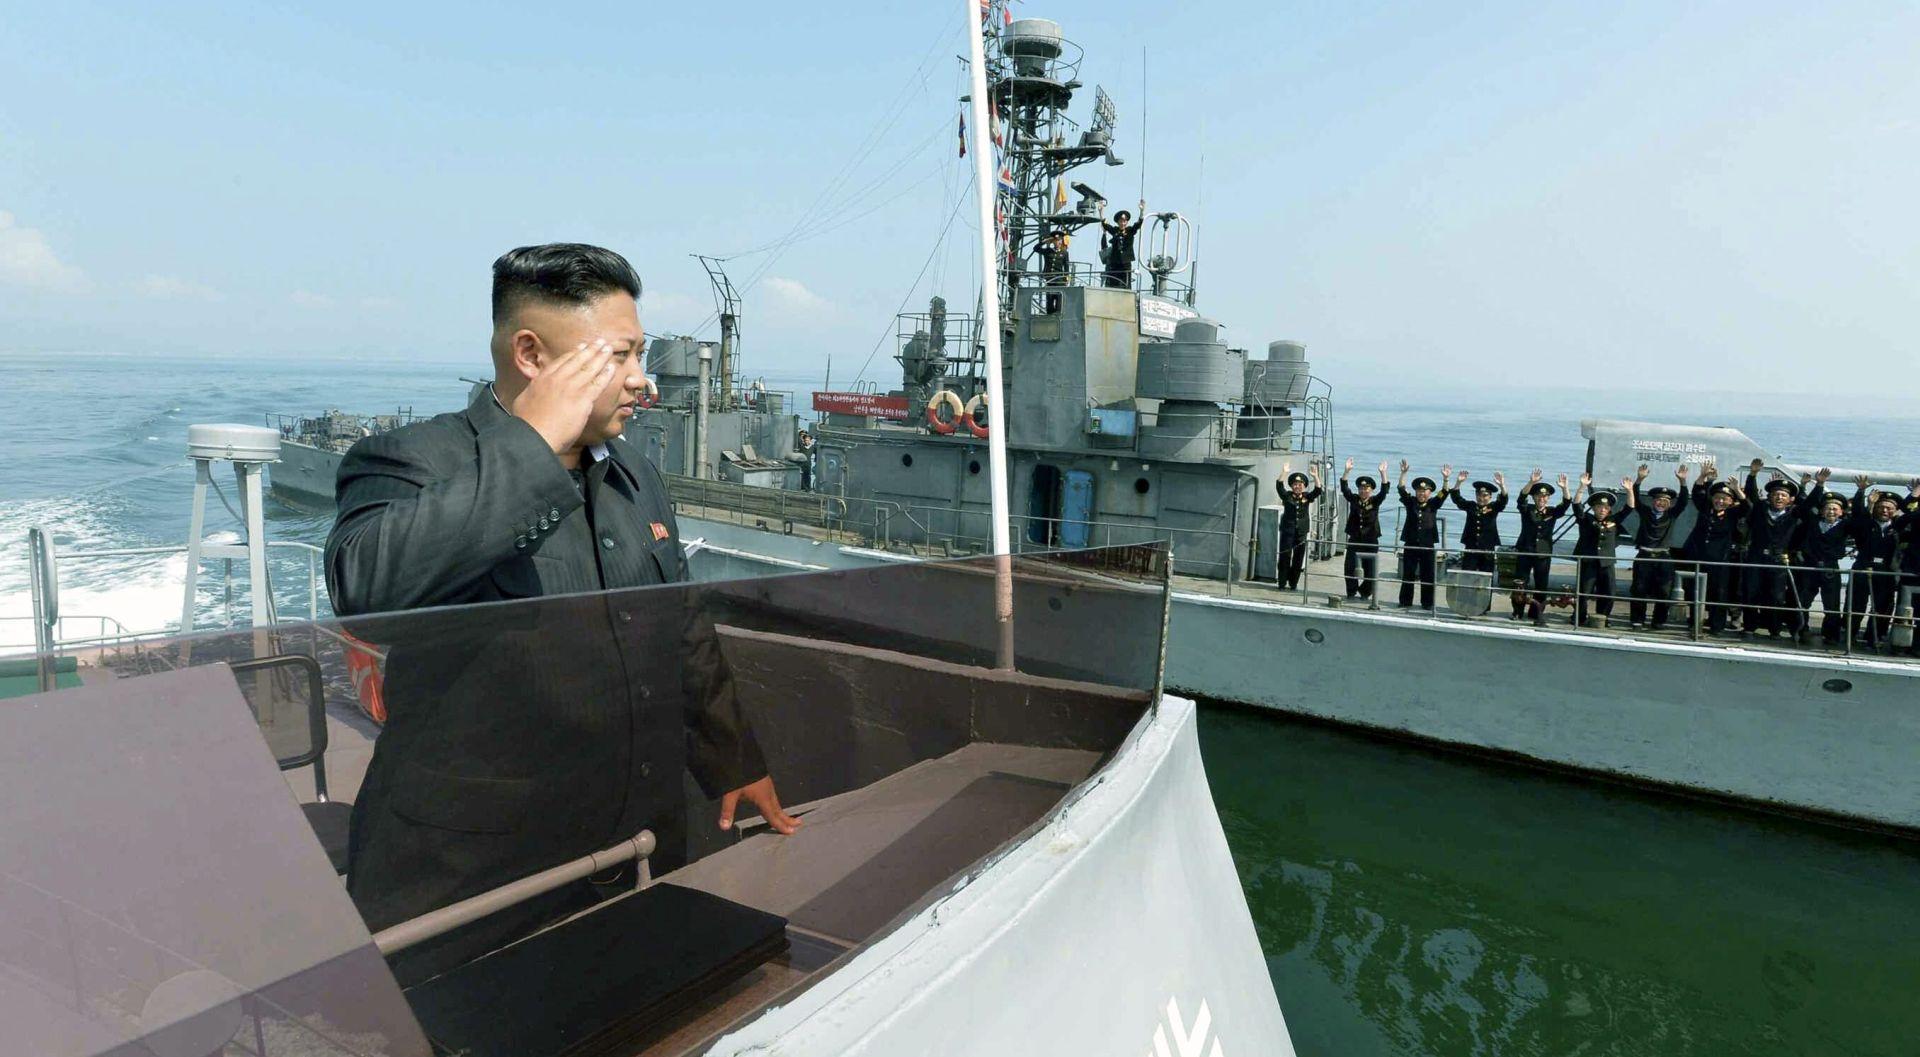 Sjeverna Koreja ispalila raketu s podmornice